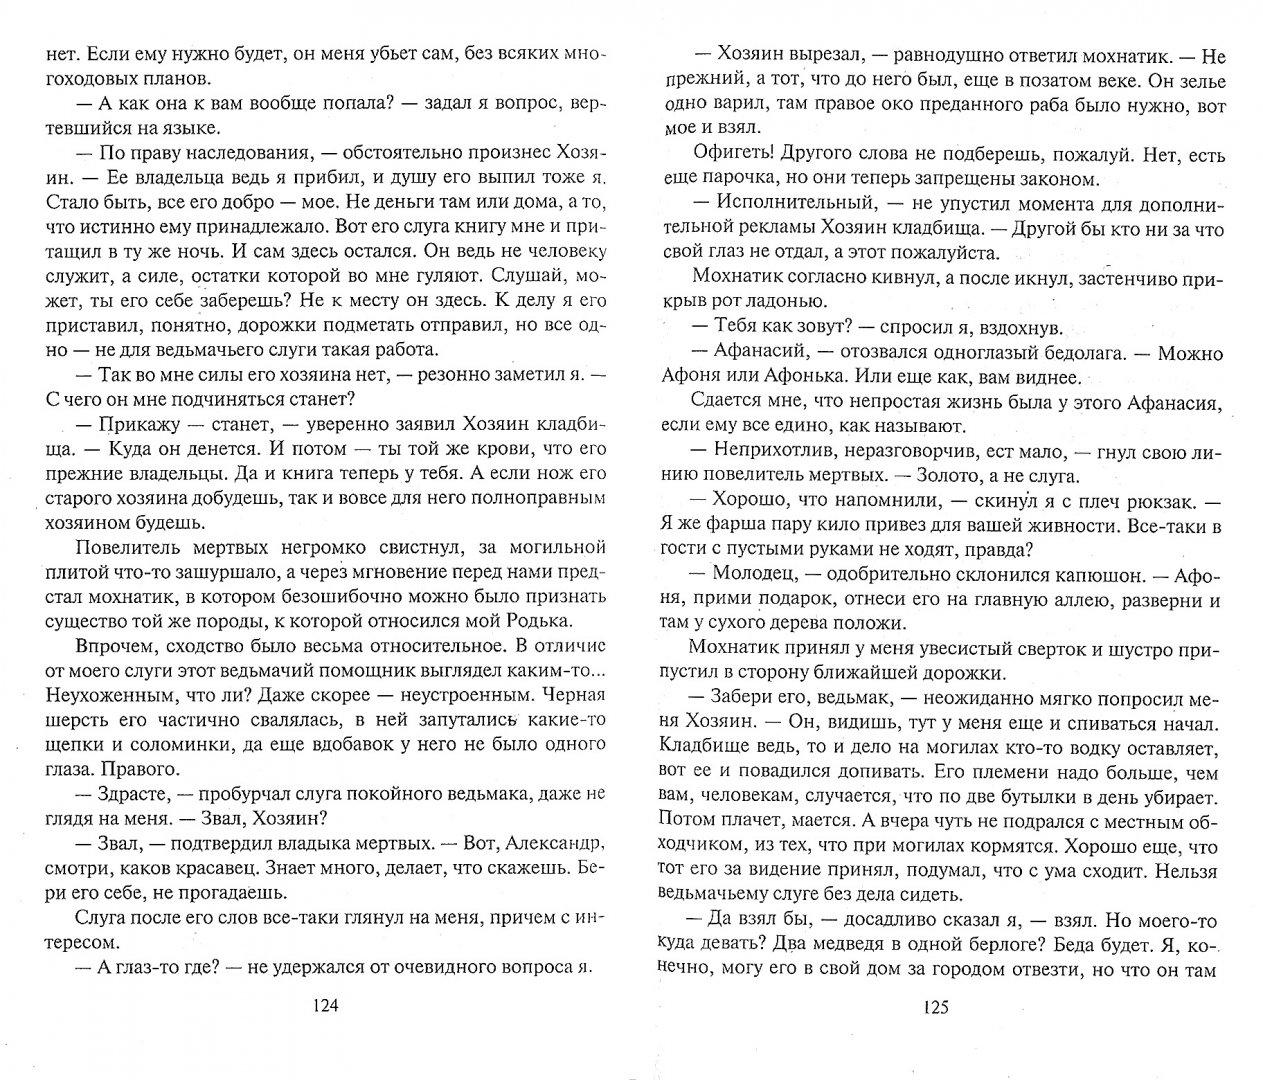 Иллюстрация 4 из 30 для Знаки Ночи - Андрей Васильев | Лабиринт - книги. Источник: Лабиринт